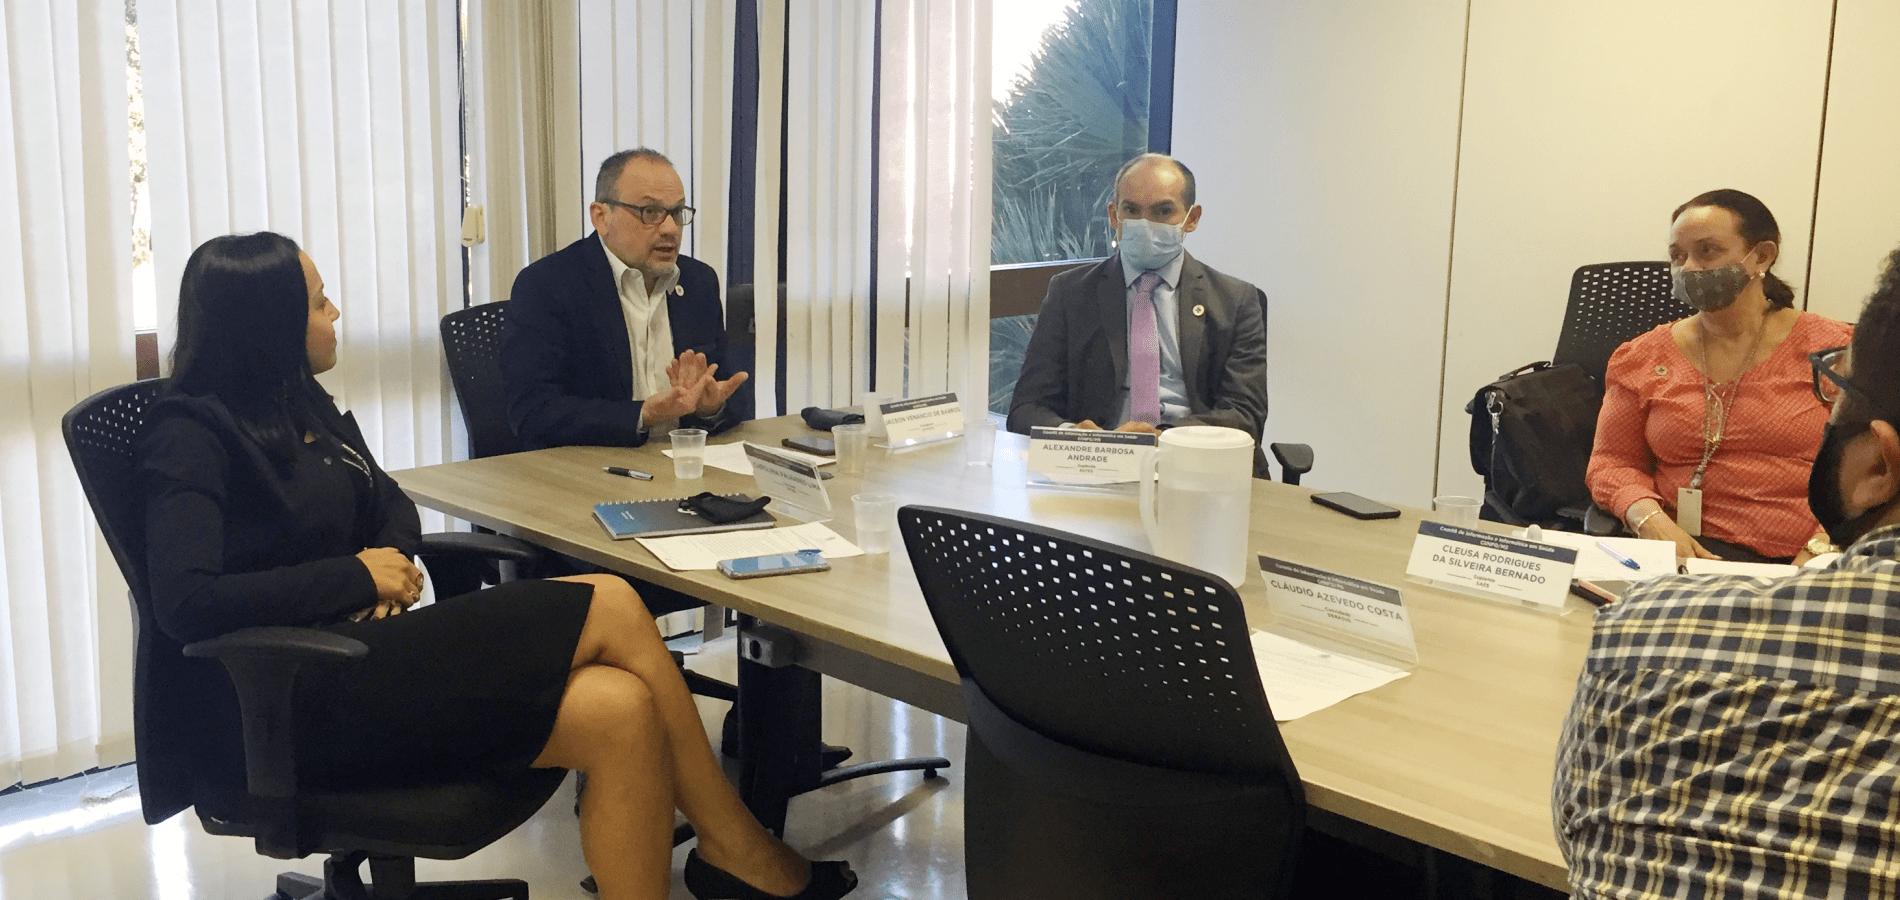 Comitê de Informação e Informática em Saúde traça estratégias para a área